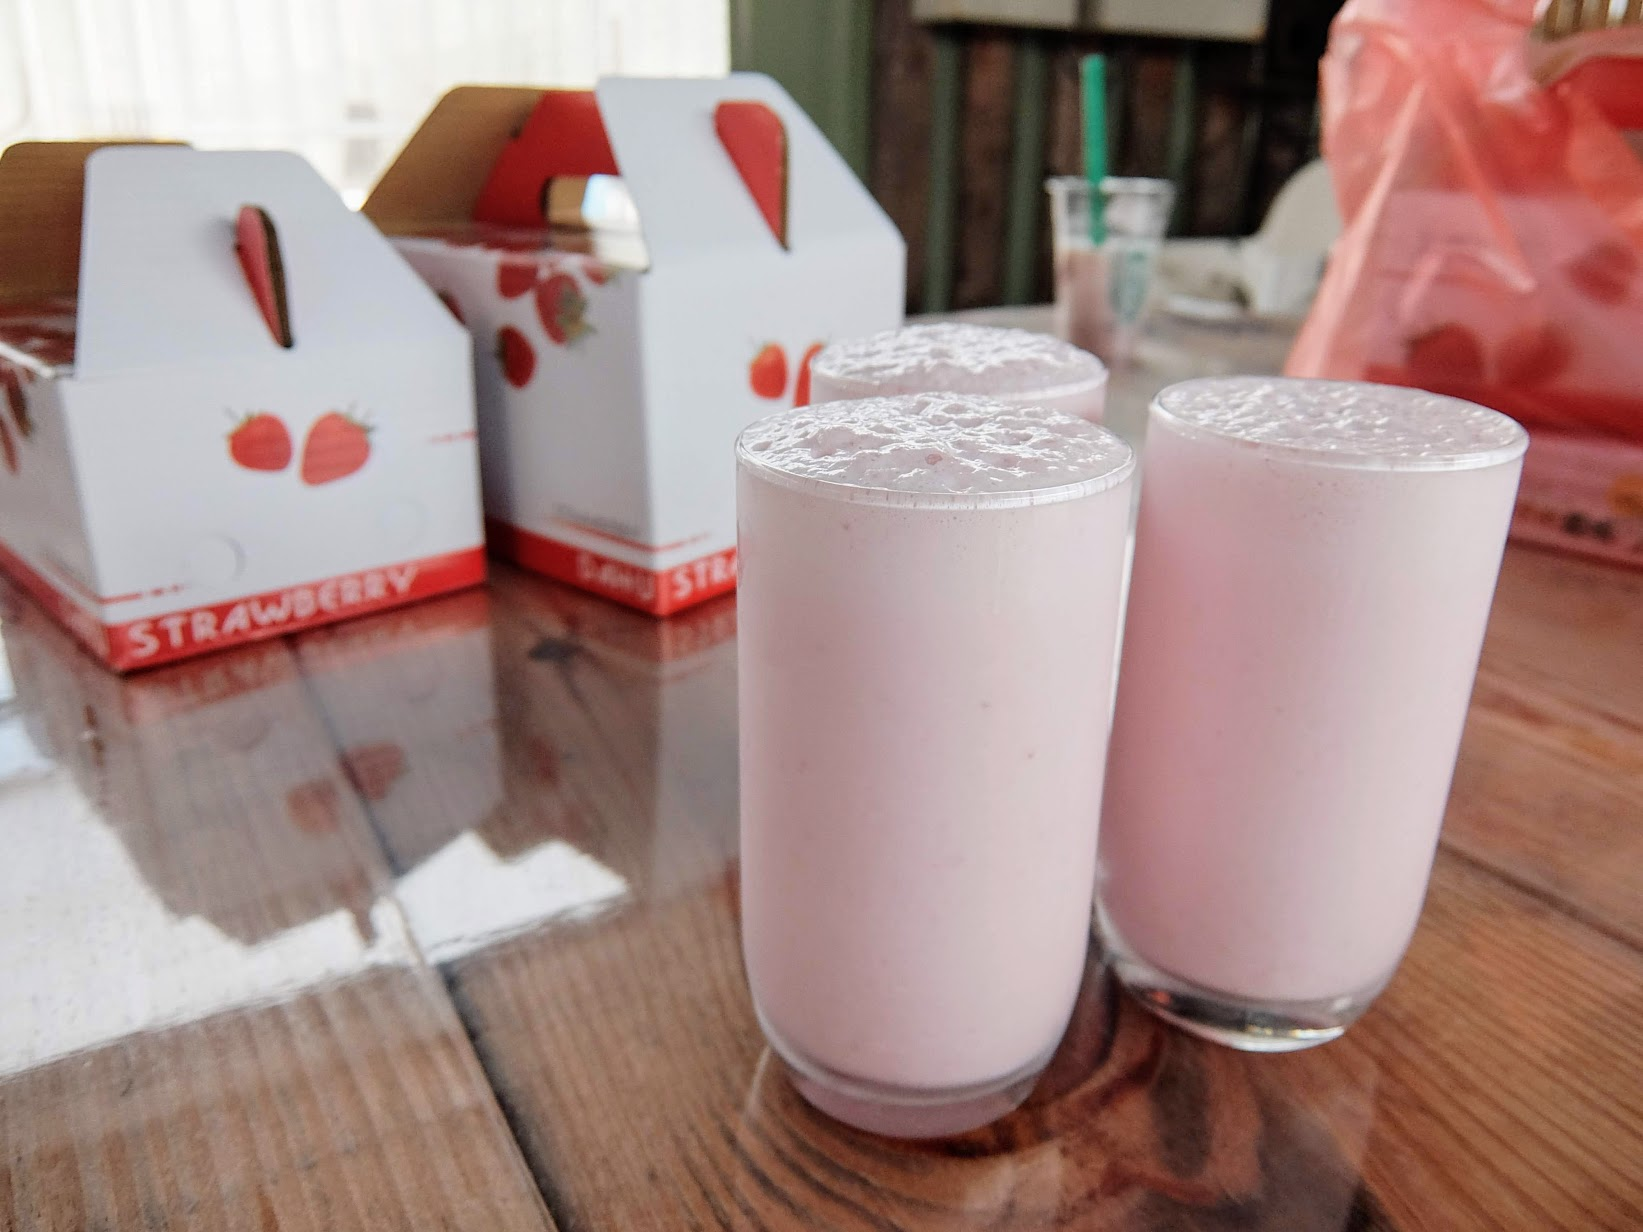 也來一杯草莓牛奶吧XD